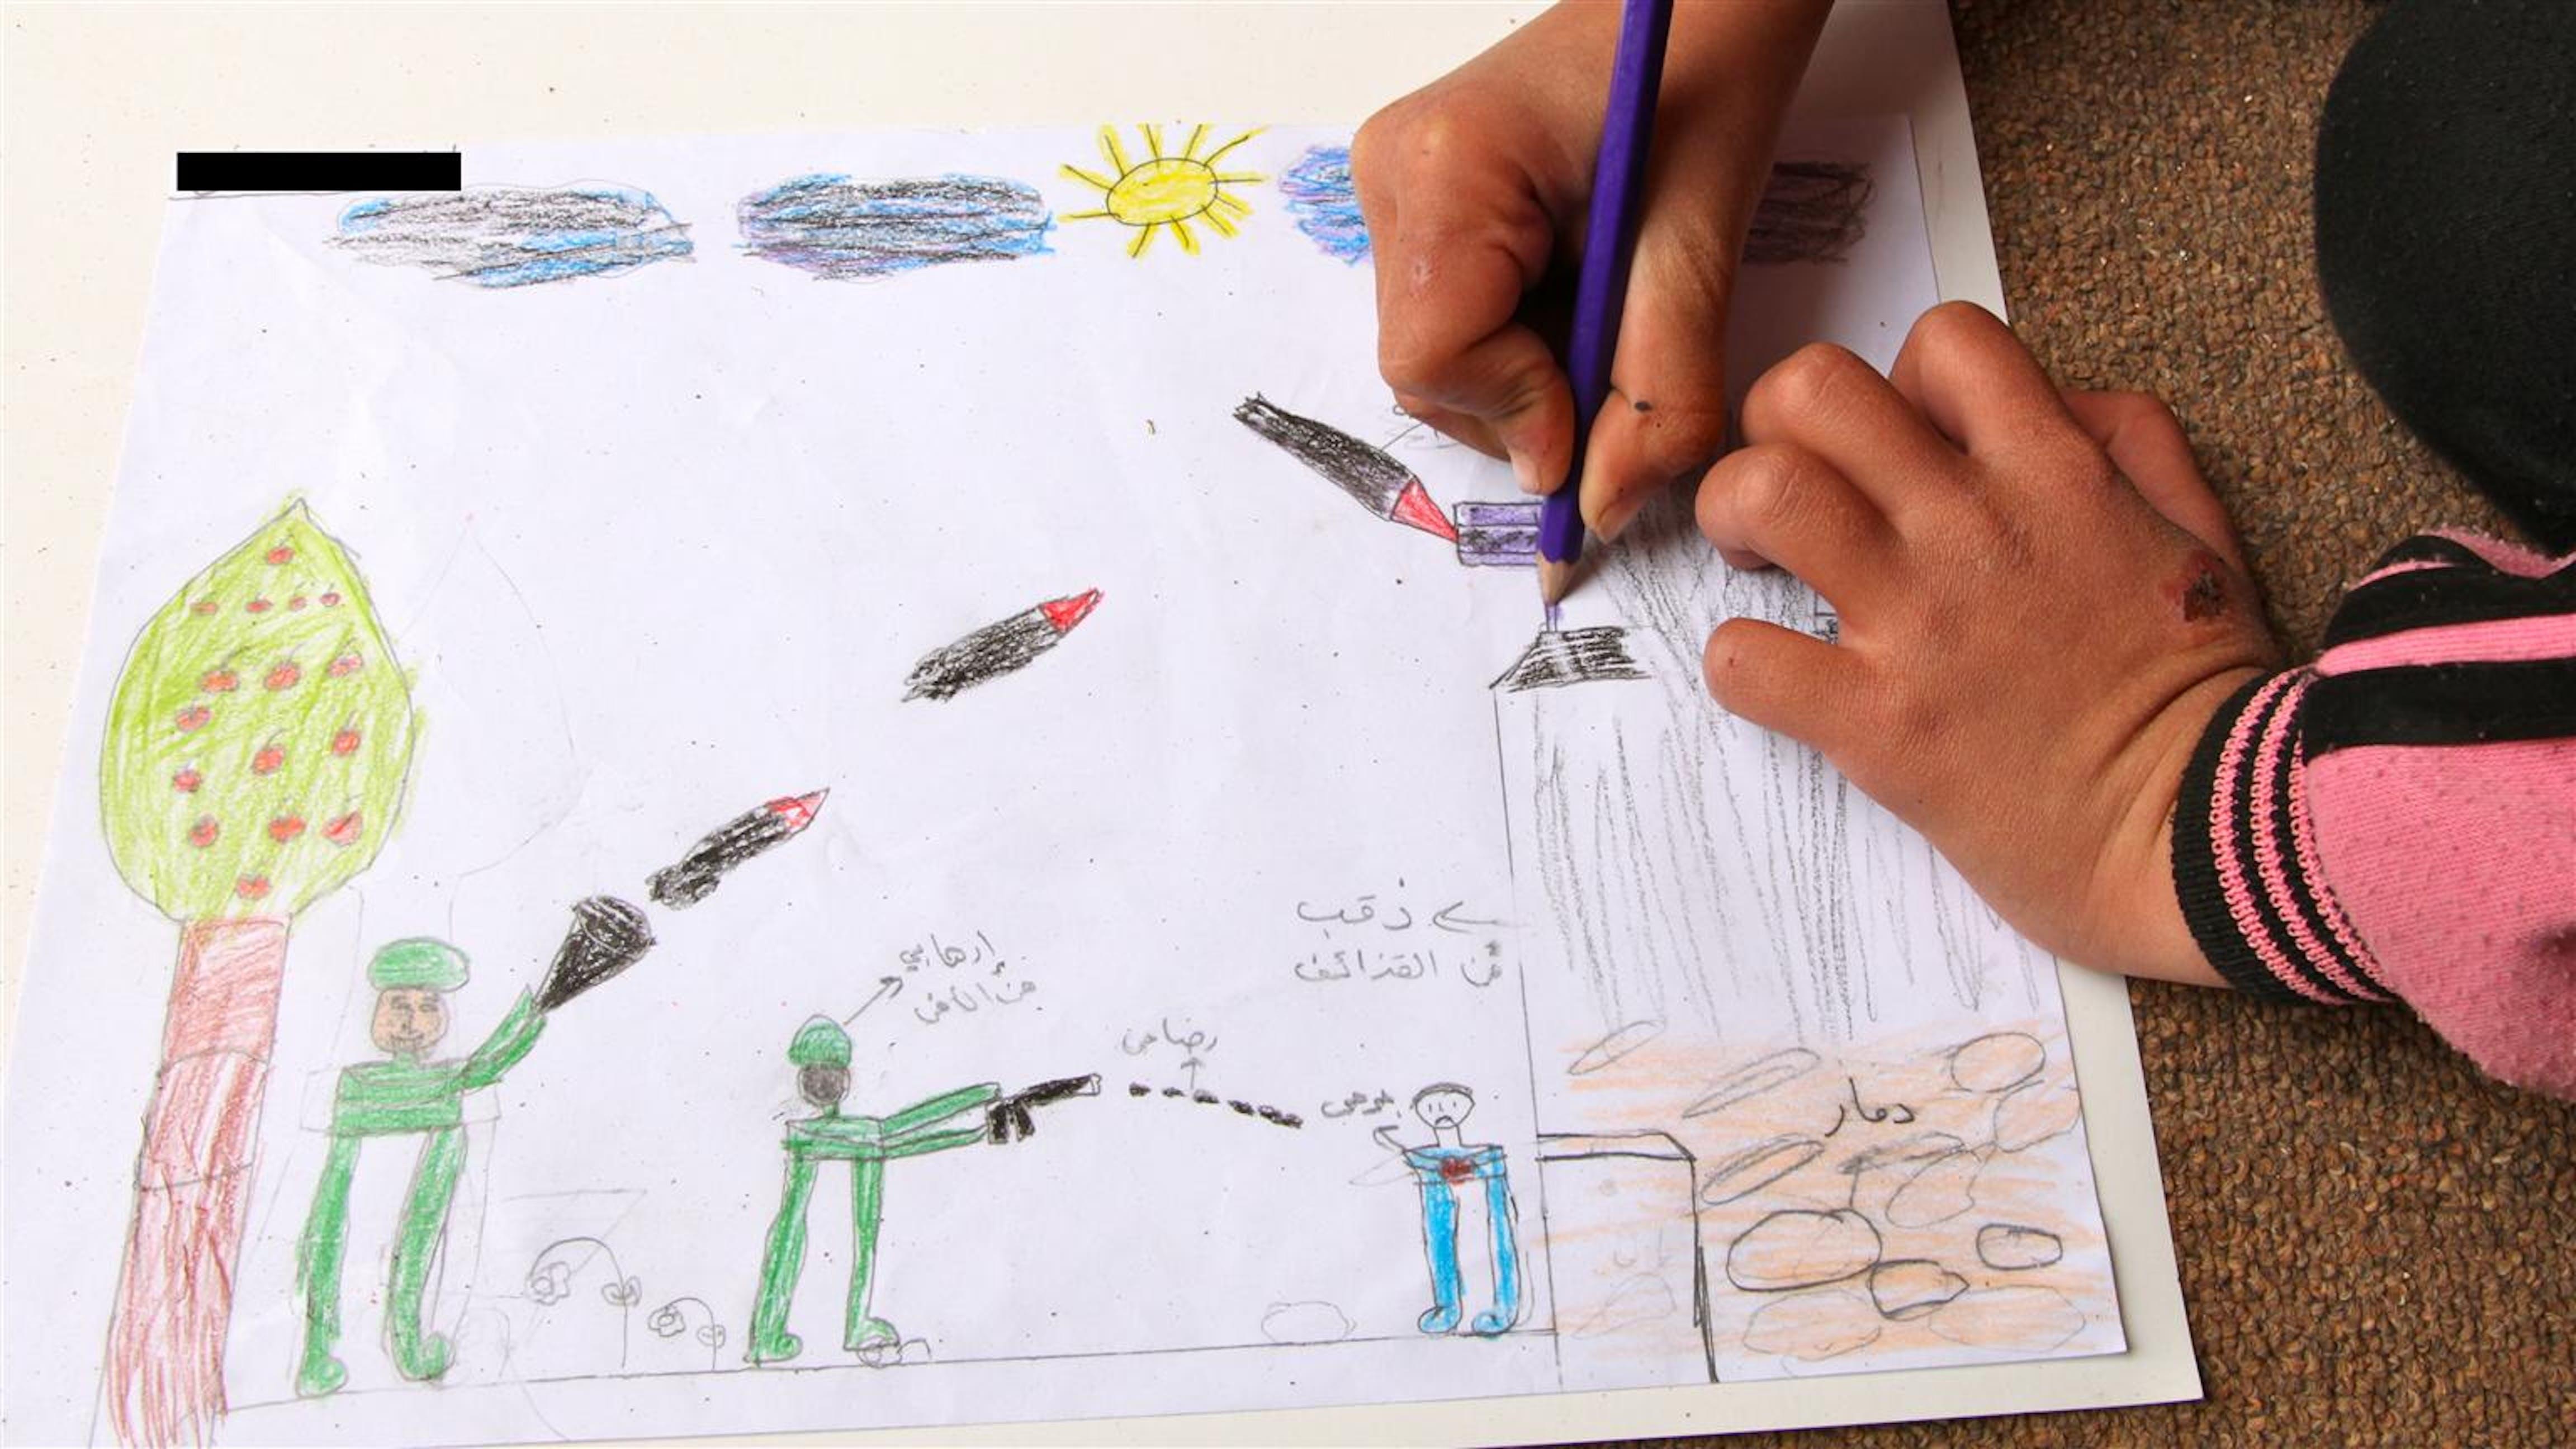 Il disegno di questa bambina siriana di 8 anni, rifugiata a Ramtha (Giordania), illustra la scena di un bombardamento alla quale ha assistito - ©UNICEF/NYHQ2012-0196/Pirozzi